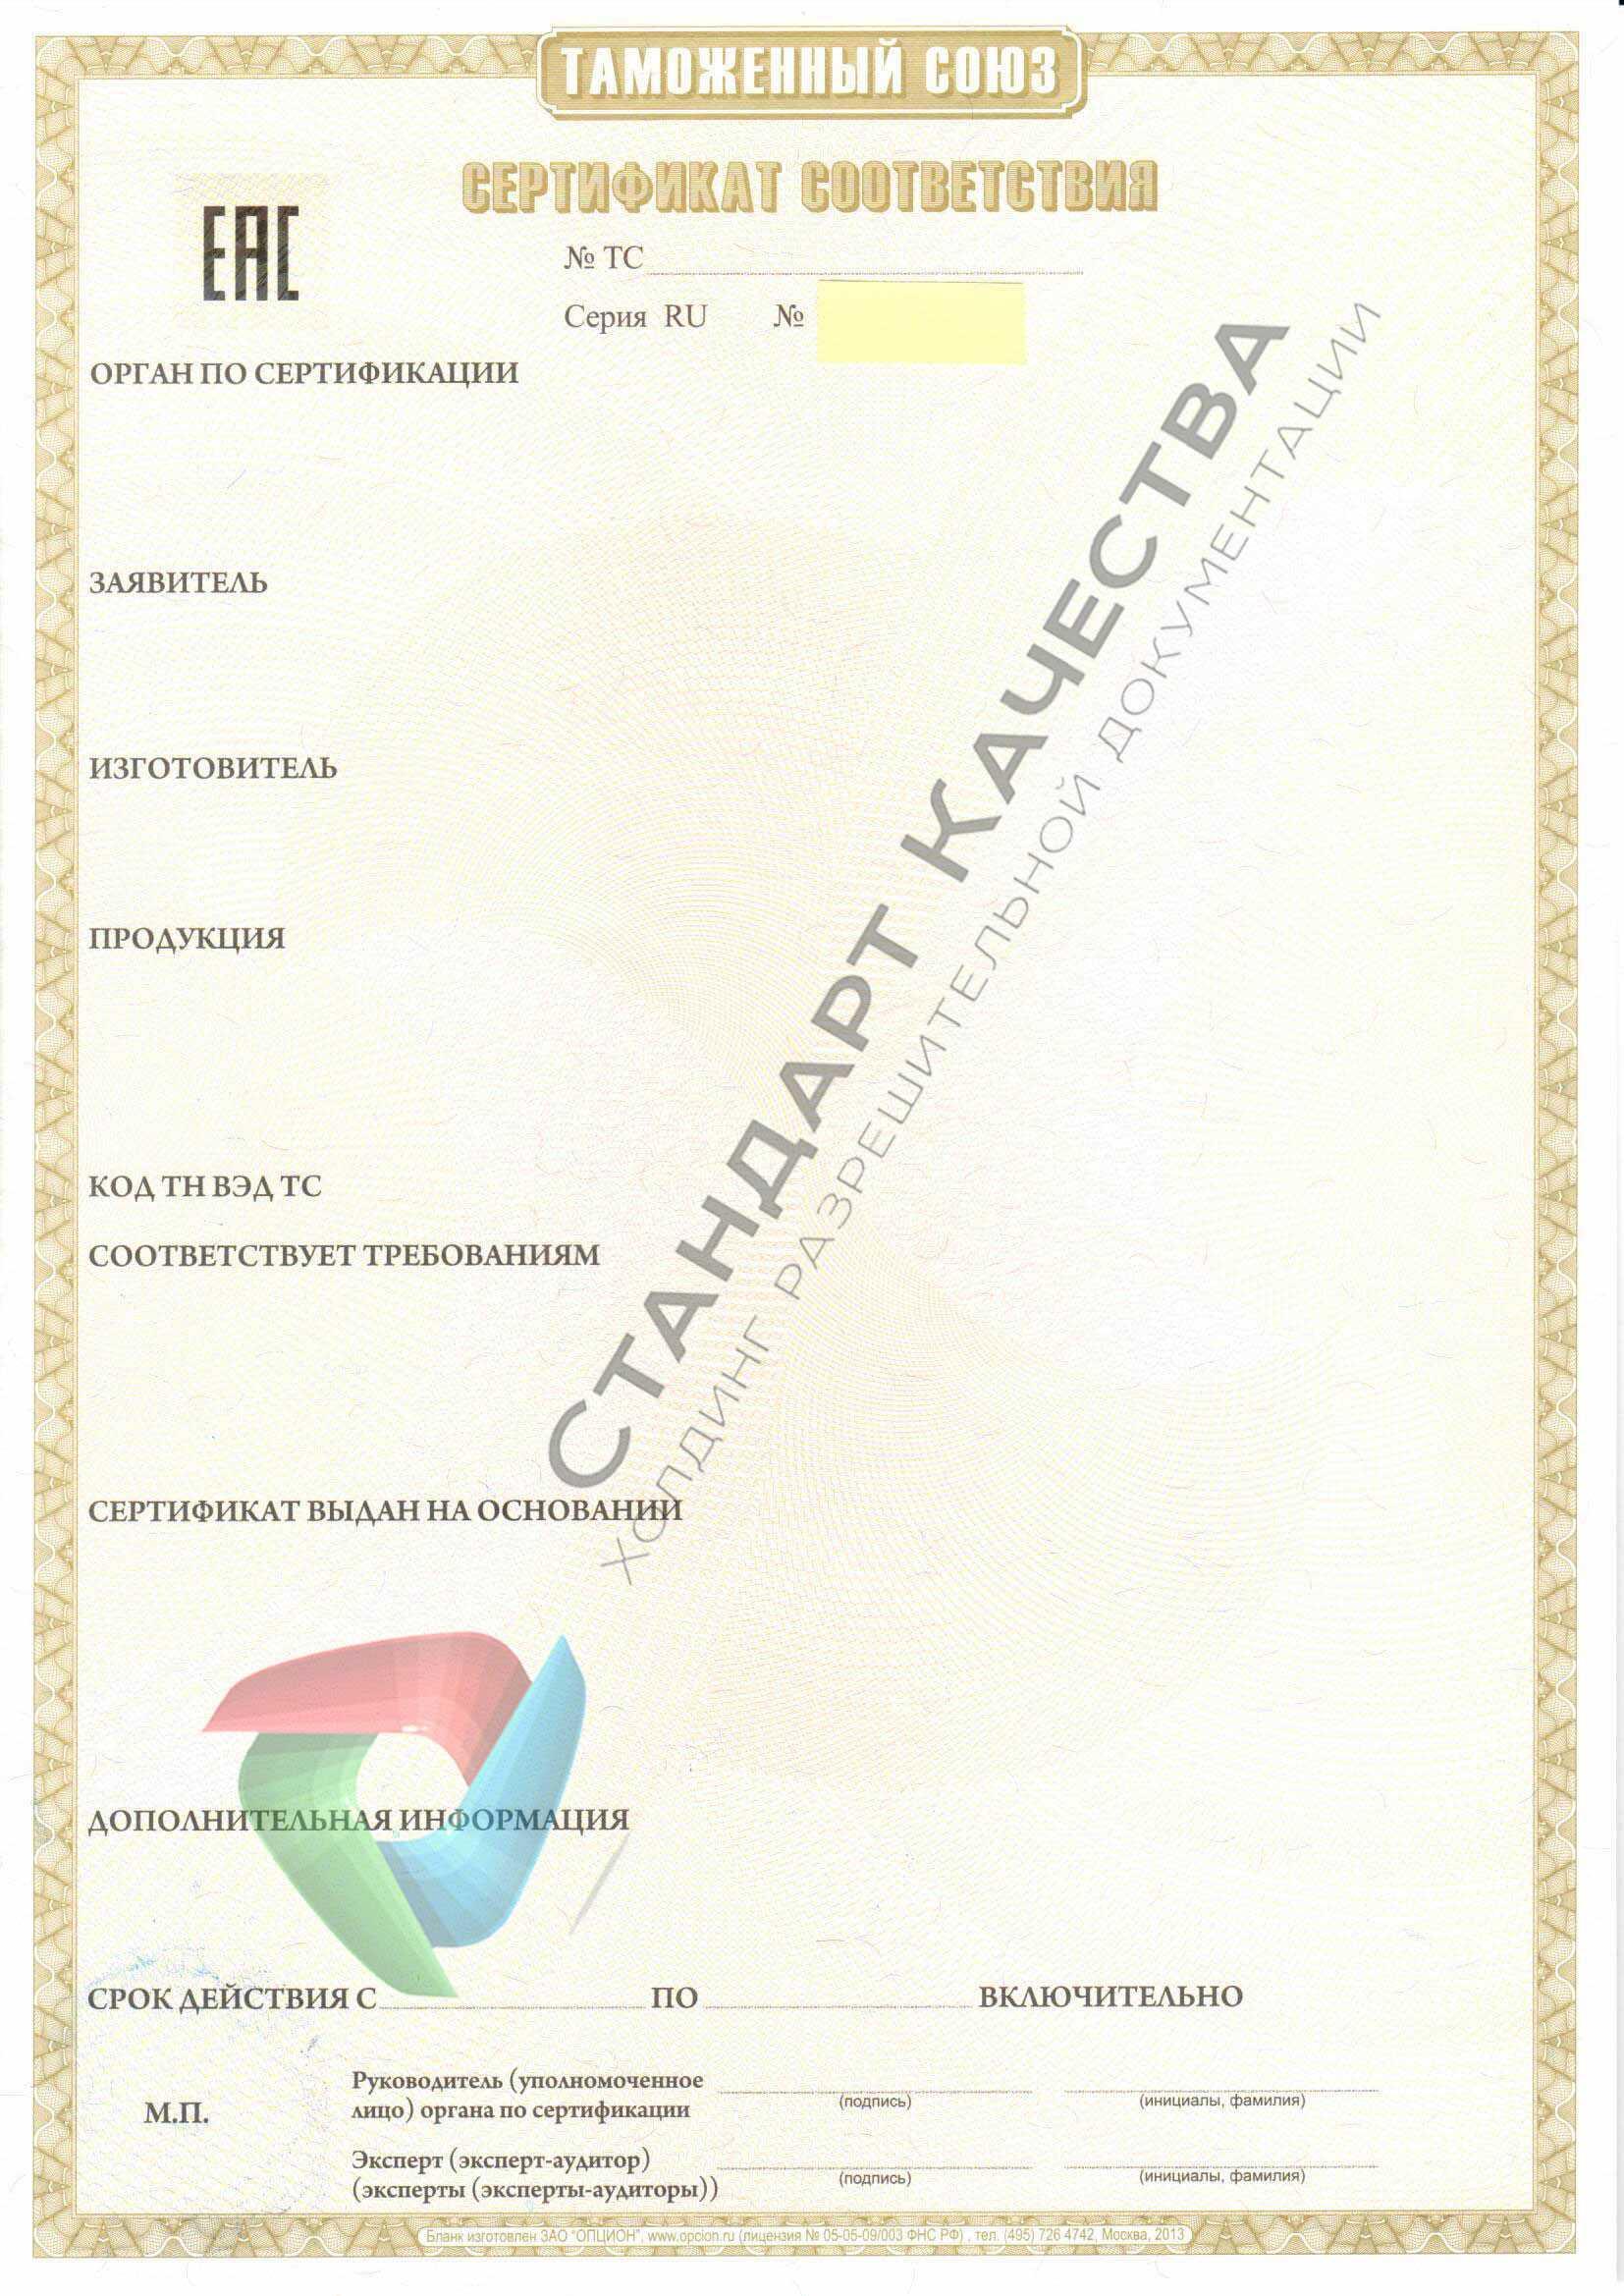 Сертификация бельевх швейных и корсетны добровольная сертификация специалиств